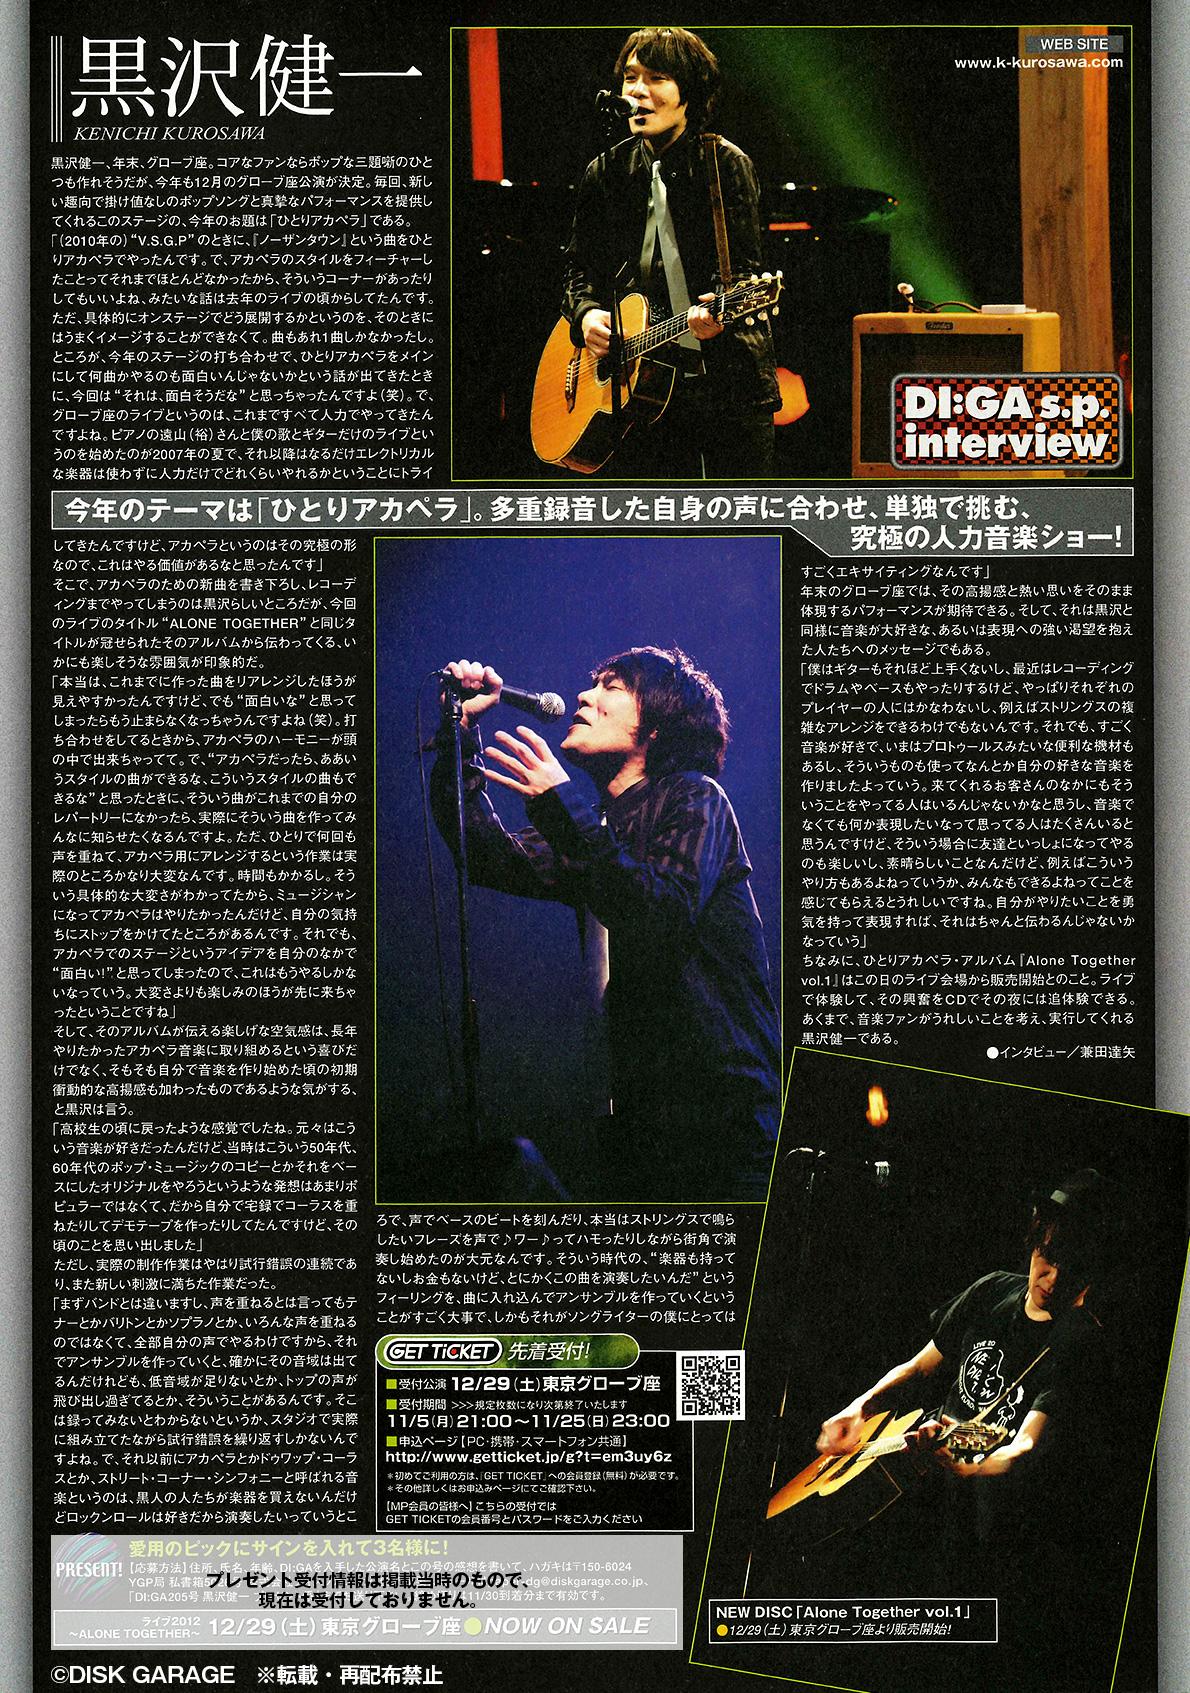 黒沢健一 DI:GA 205号(2012年11月号)